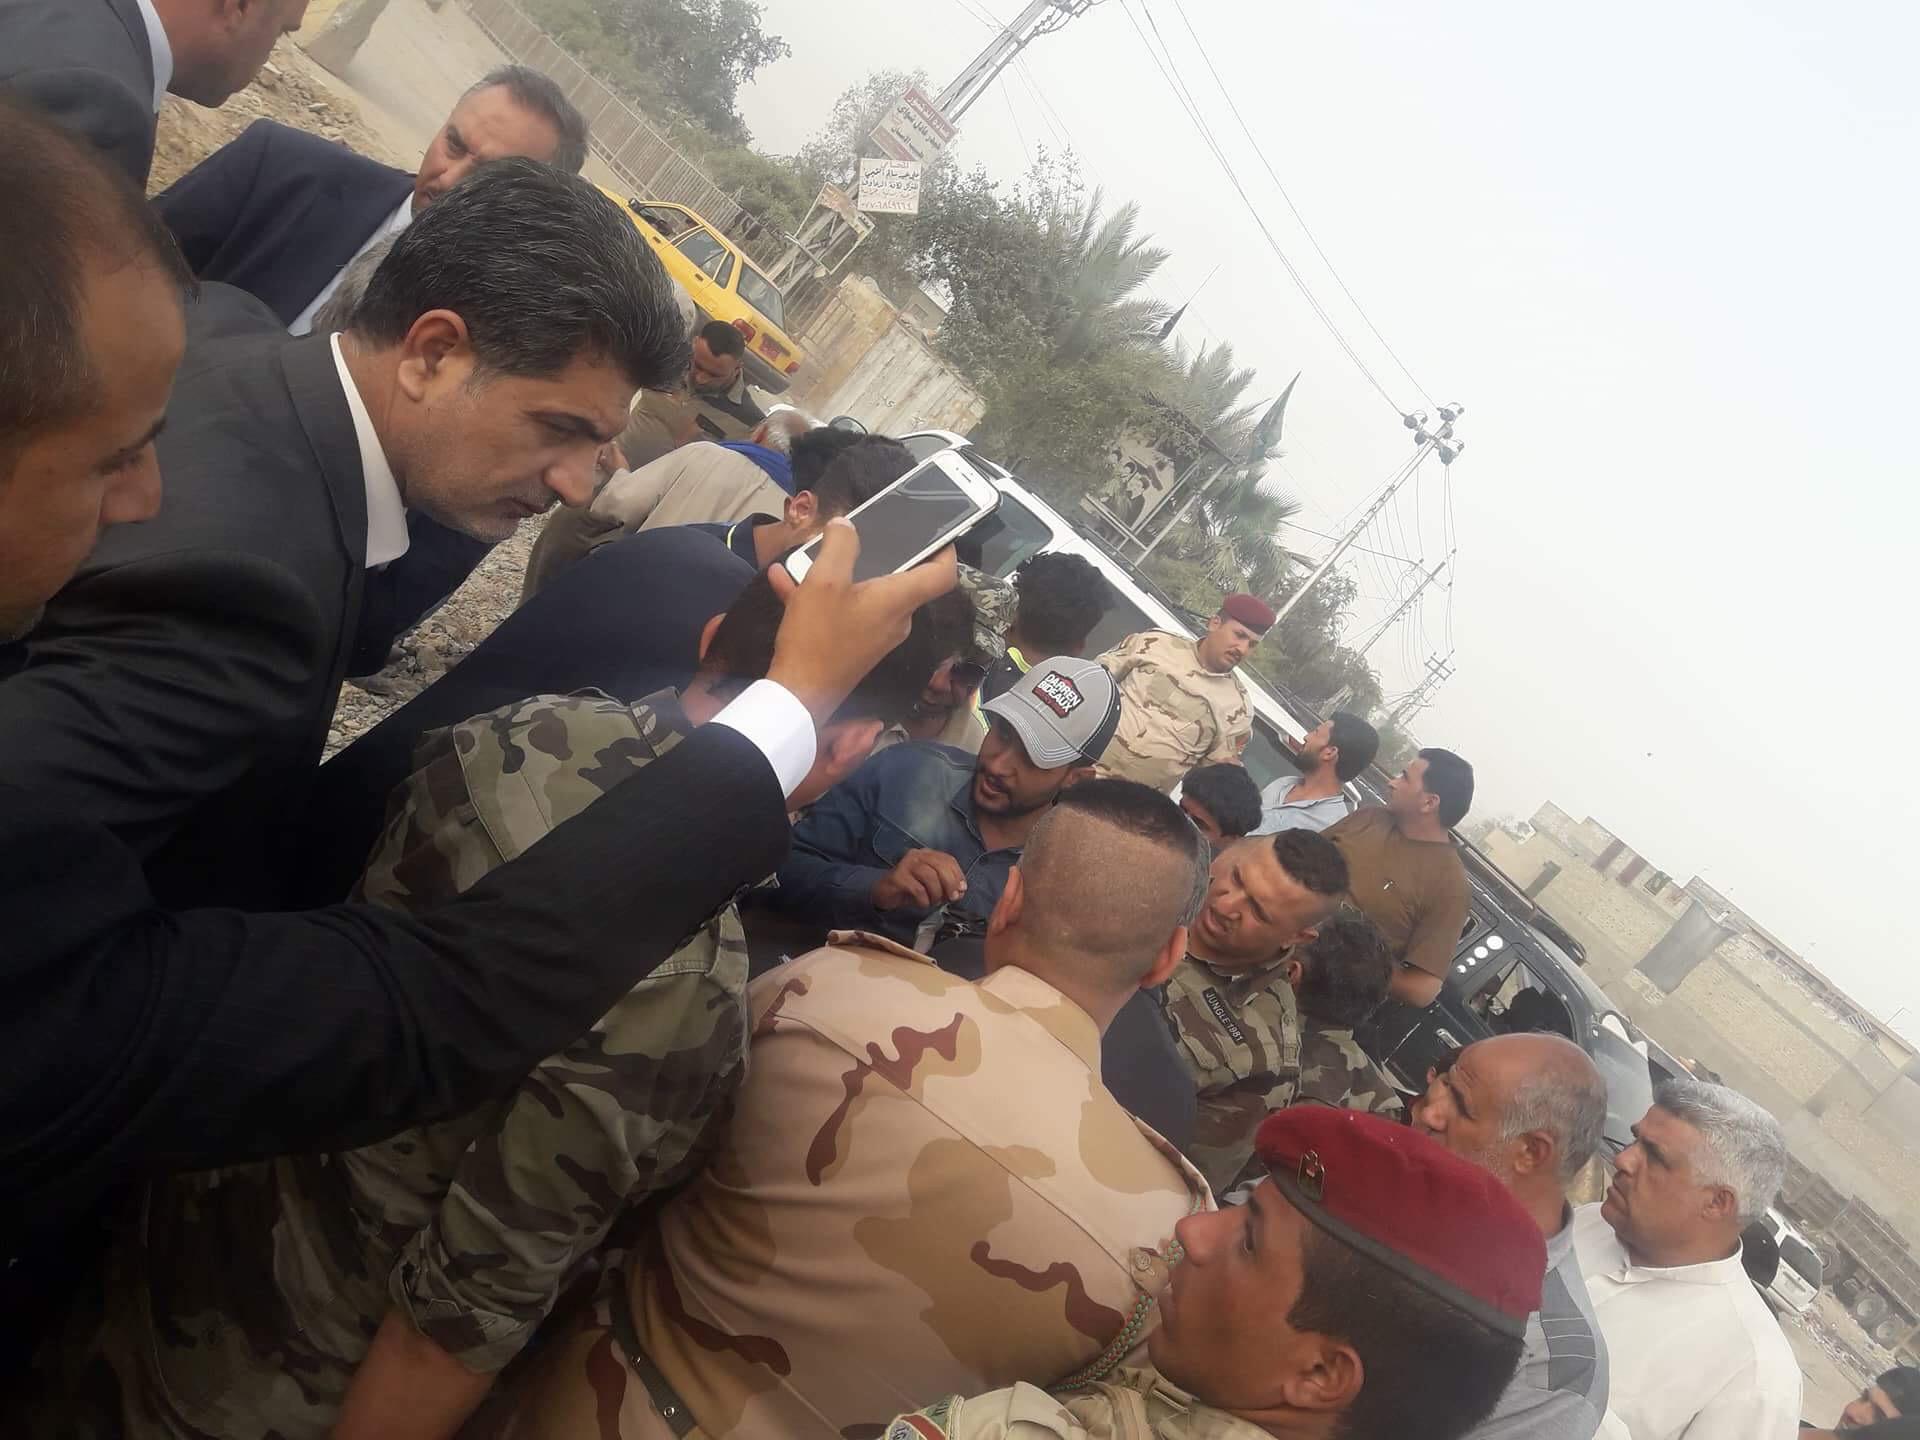 بالصور: وصول وفد من رئاسة الوزراء إلى منطقة المعامل للاستطلاع على الية العمل ومعرفة الاحتياجات والخدمات التي تحتاجها المنطقة